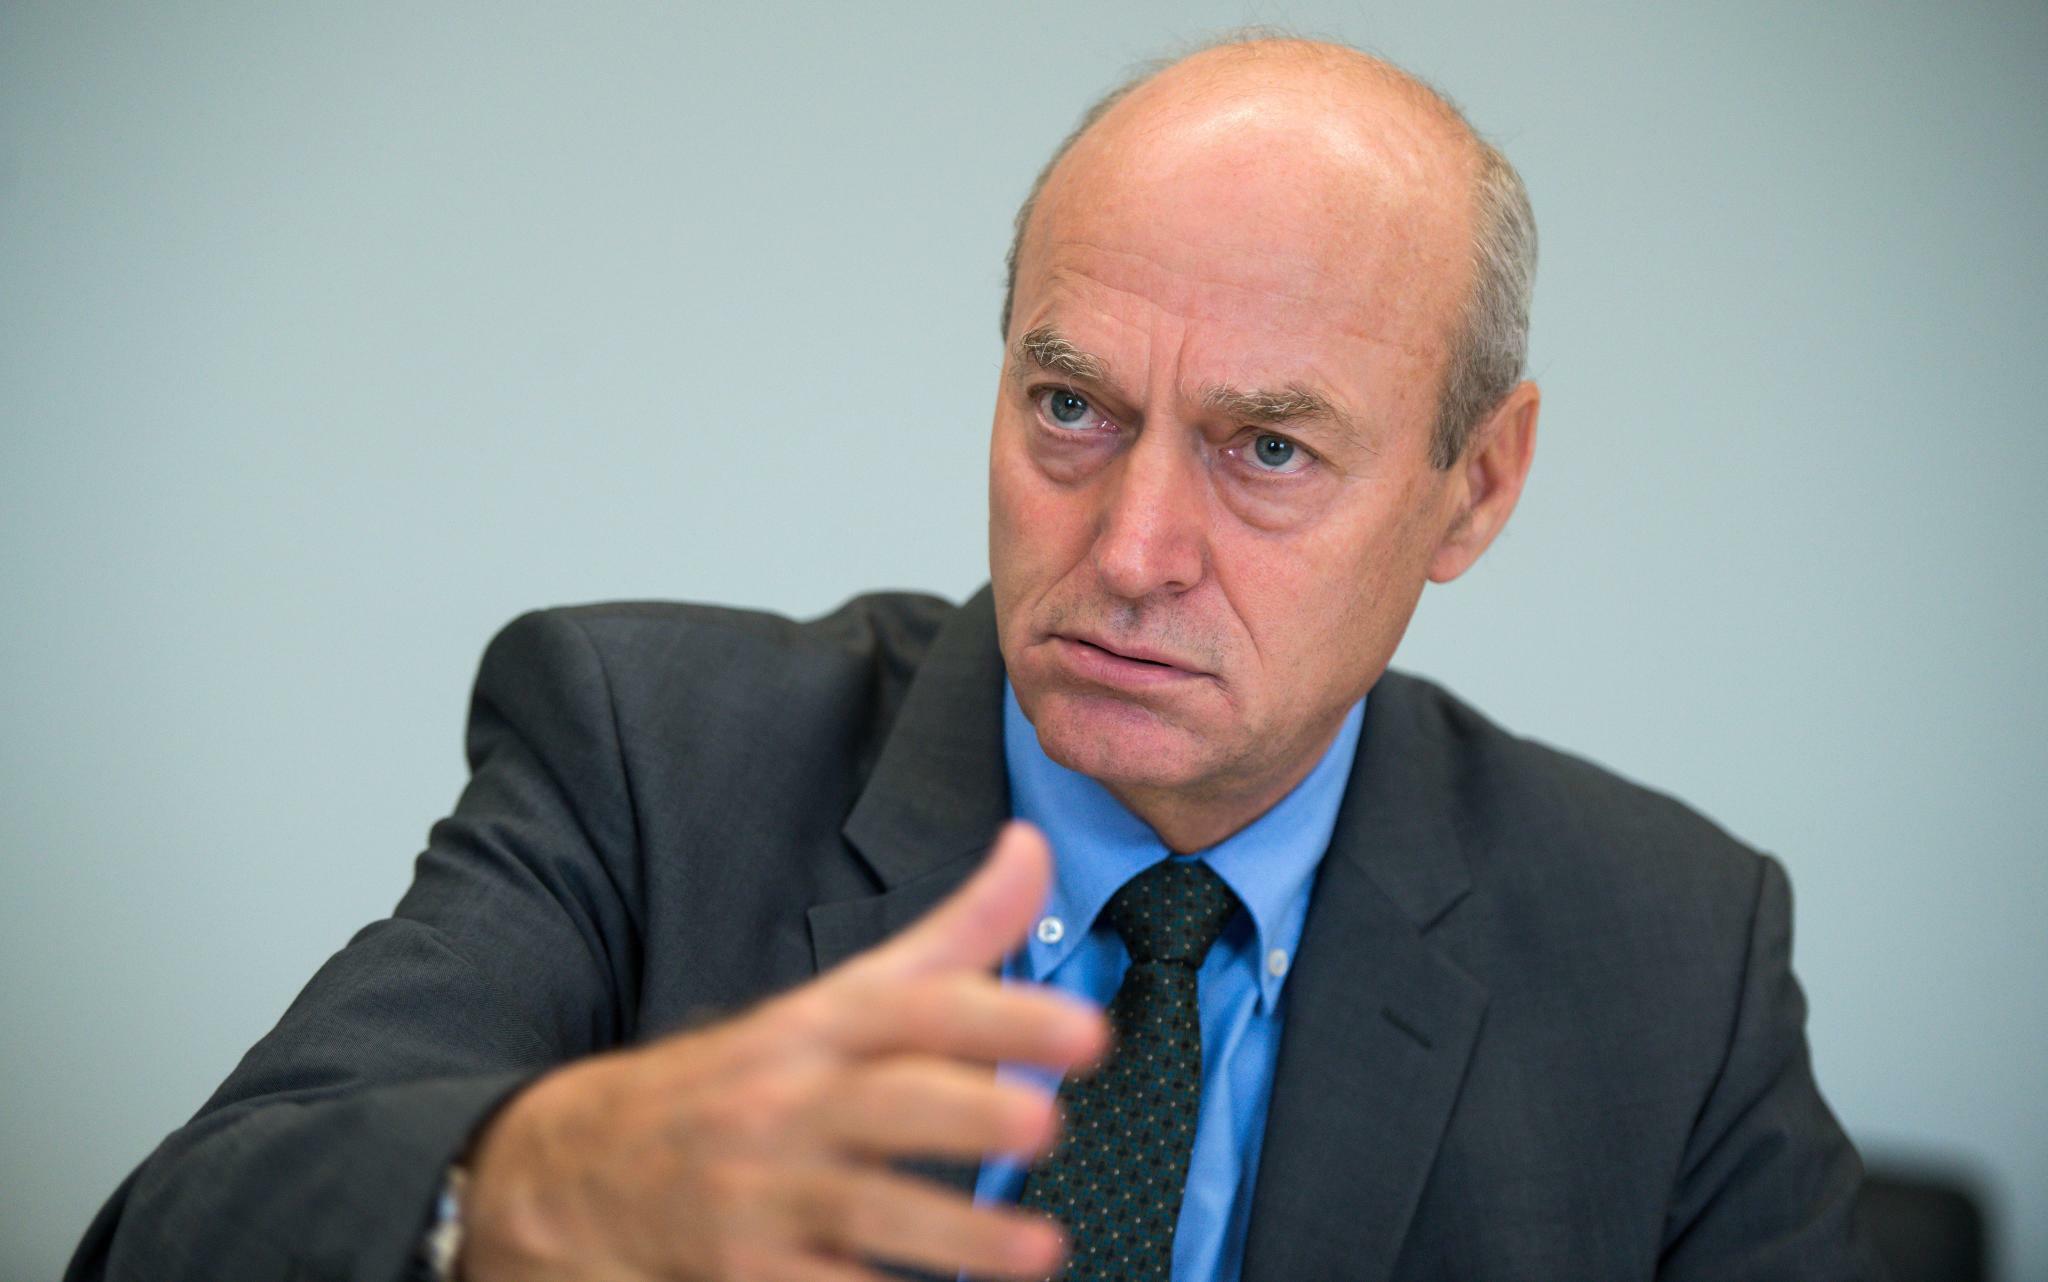 Verfassungsbeschwerde: Ex-BND-Chef Schindler warnt Bundesverfassungsgericht: Sicherheit nicht gefährden